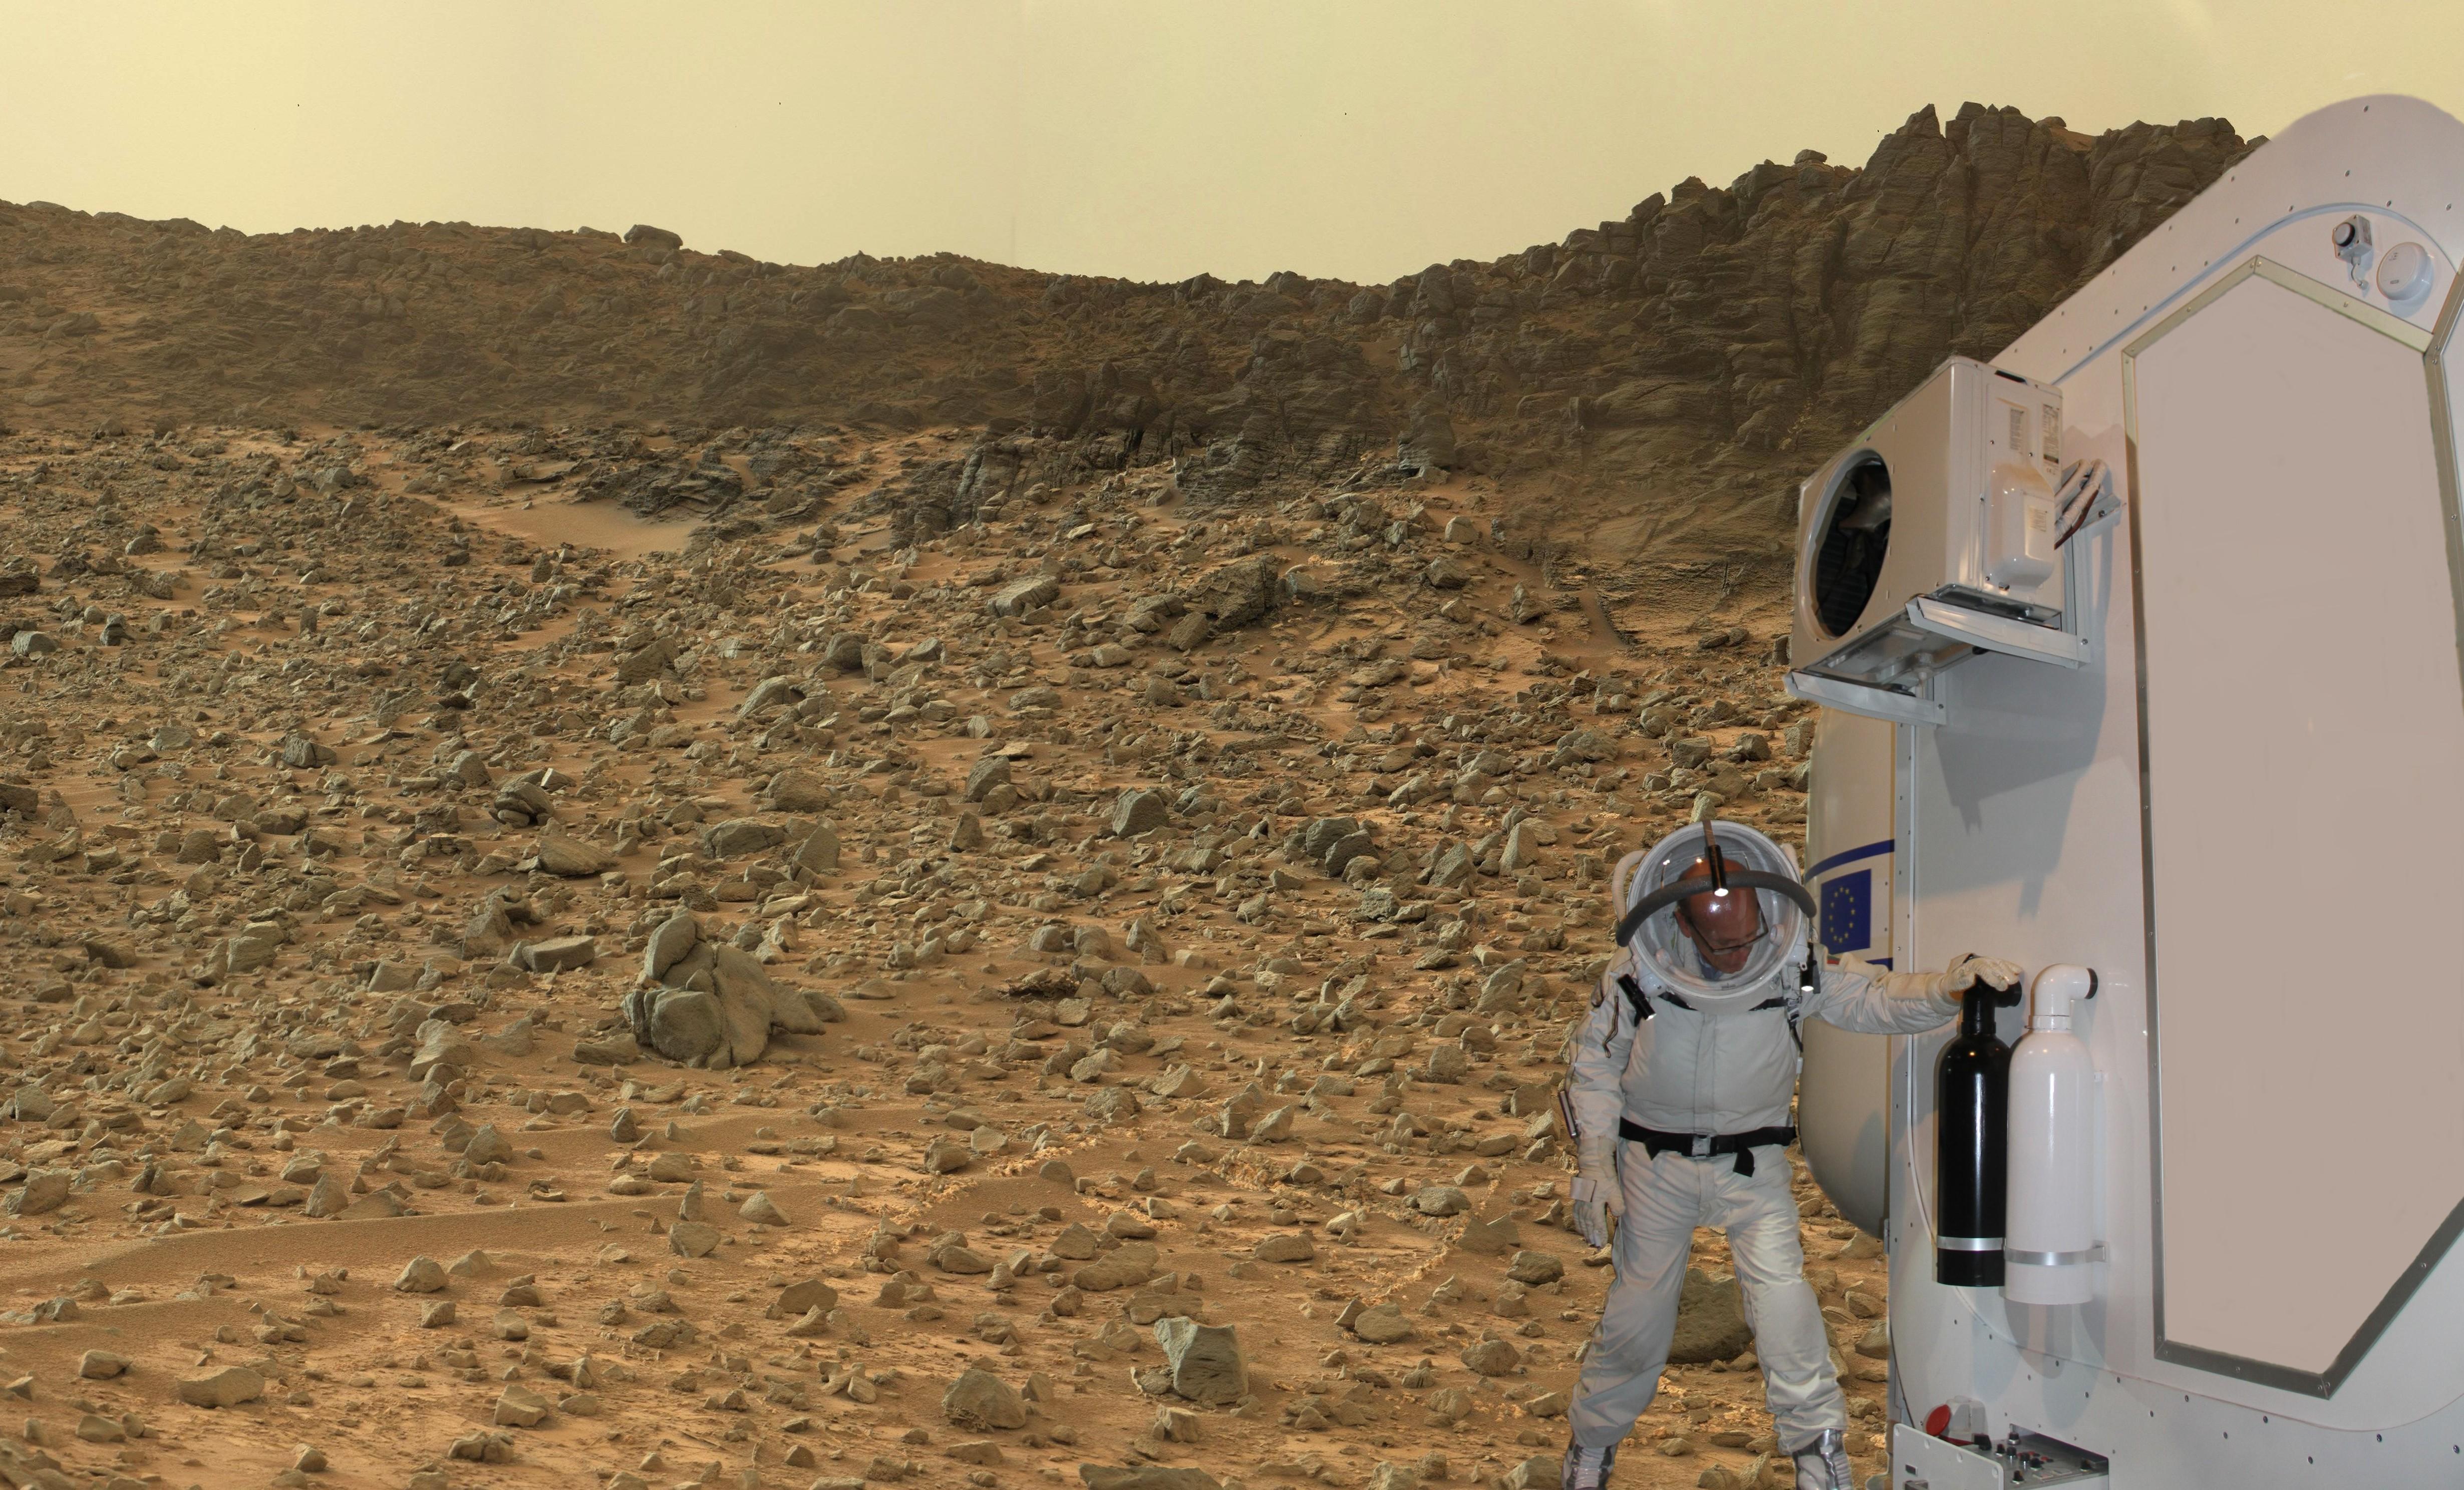 15 07 16 - 15h 44m 46s - scaphandre apm et habitat shee sur Mars